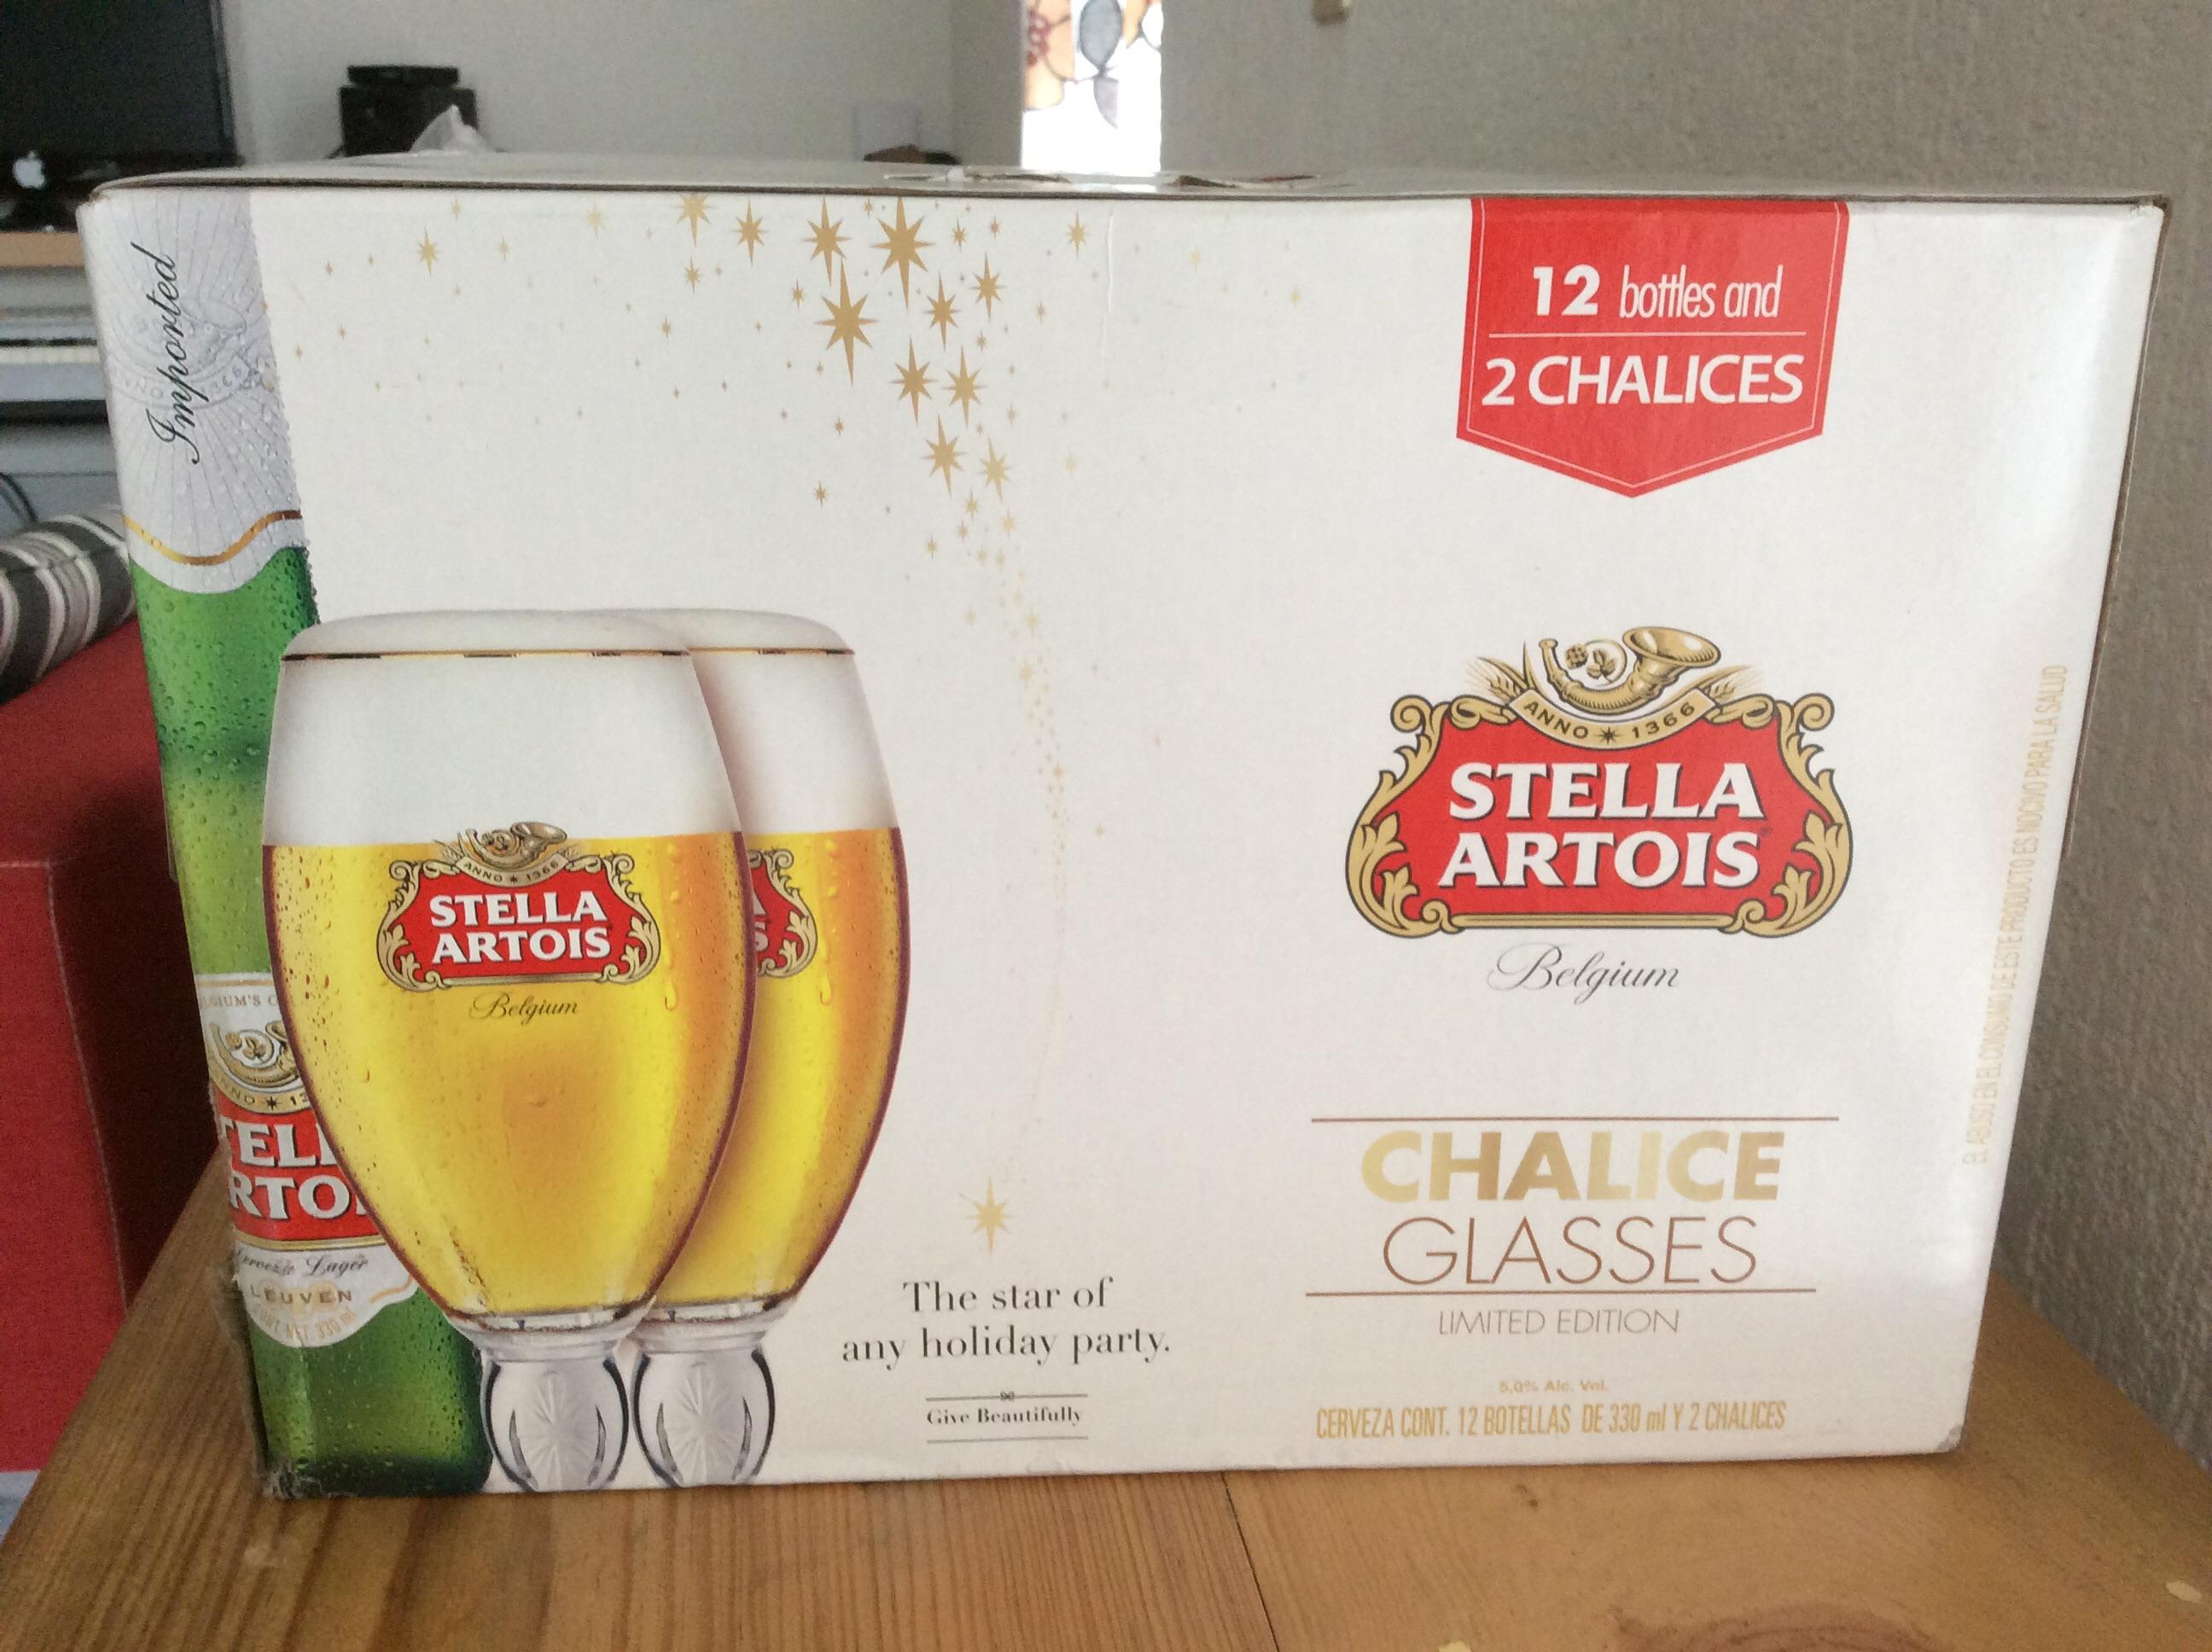 Walmart Acoxpa: Cerveza stella 12 botellas y 2 Chalices de regalo $ 168.03